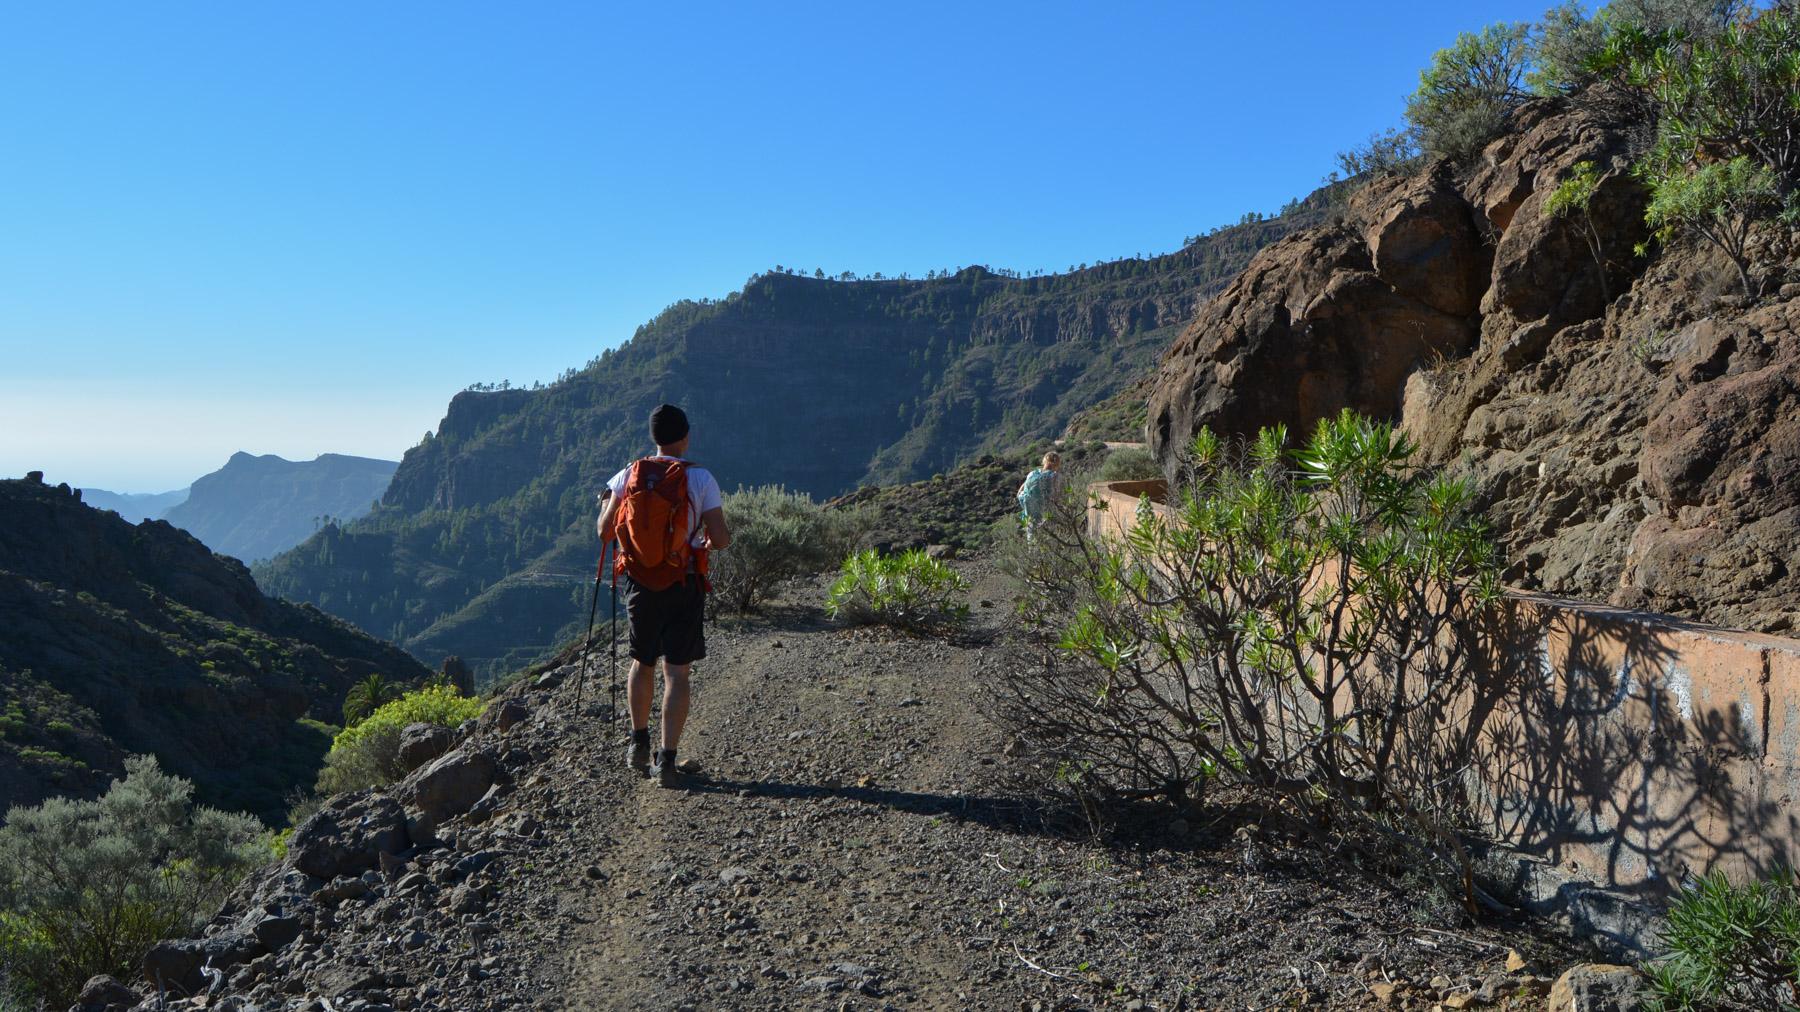 Montaña de Tauro, Gran Canaria, Espagne 12